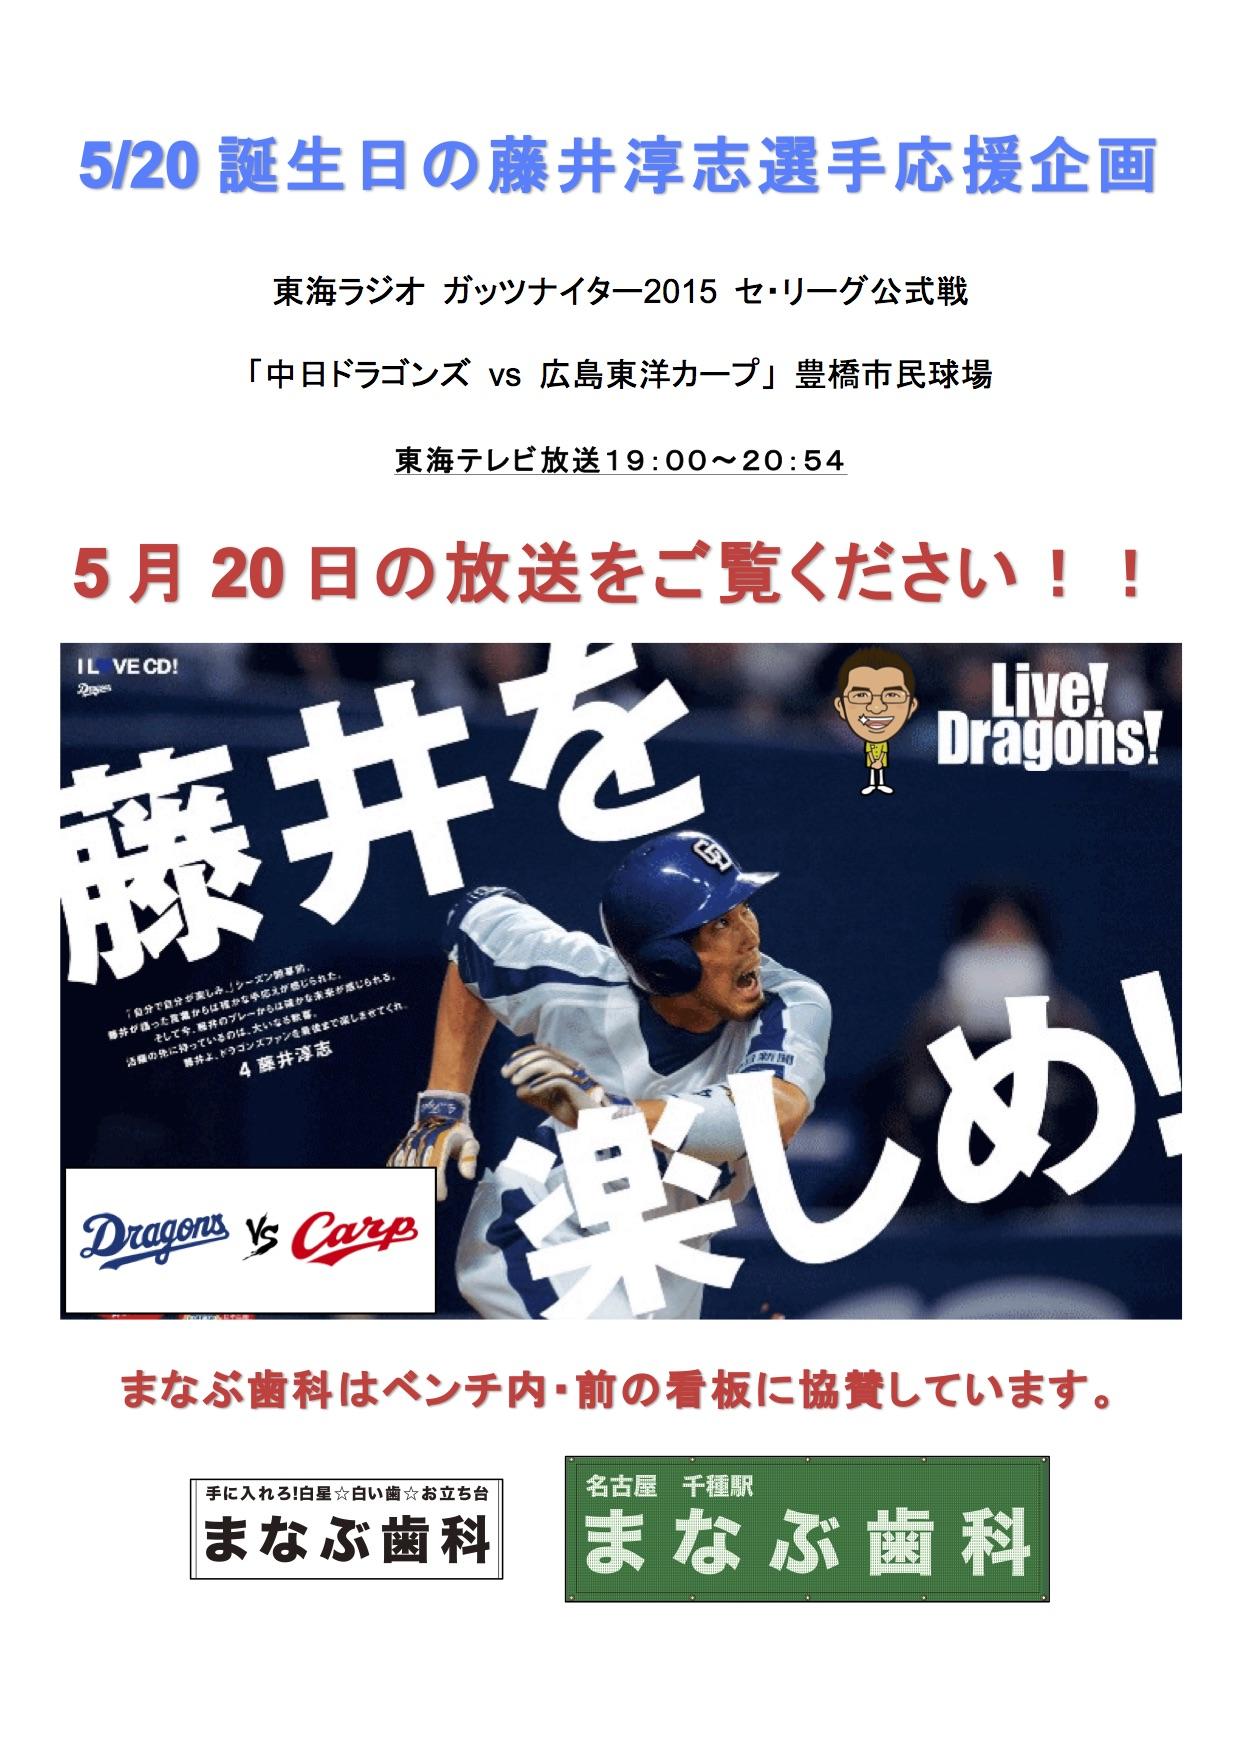 5月20日(水)東海テレビ放送をご覧ください!